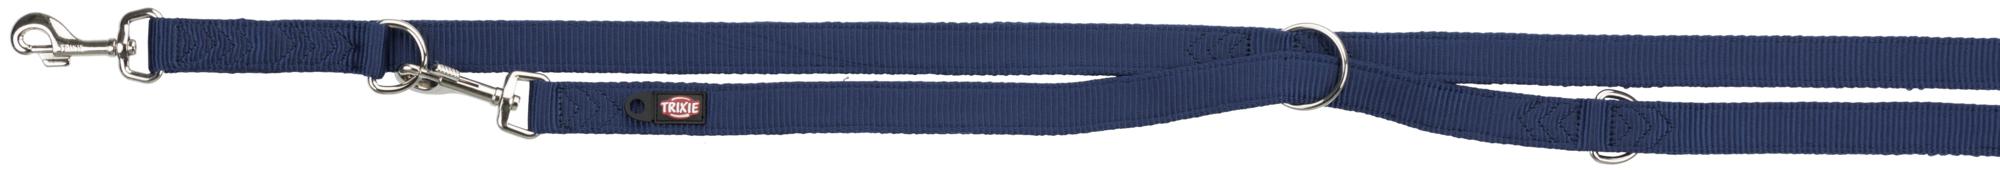 TRIXIE Premium Verlängerungsleine, doppellagig TRIXIE Premium V-Leine, doppellagig, XS–S: 2,00 m/15 mm, indigo